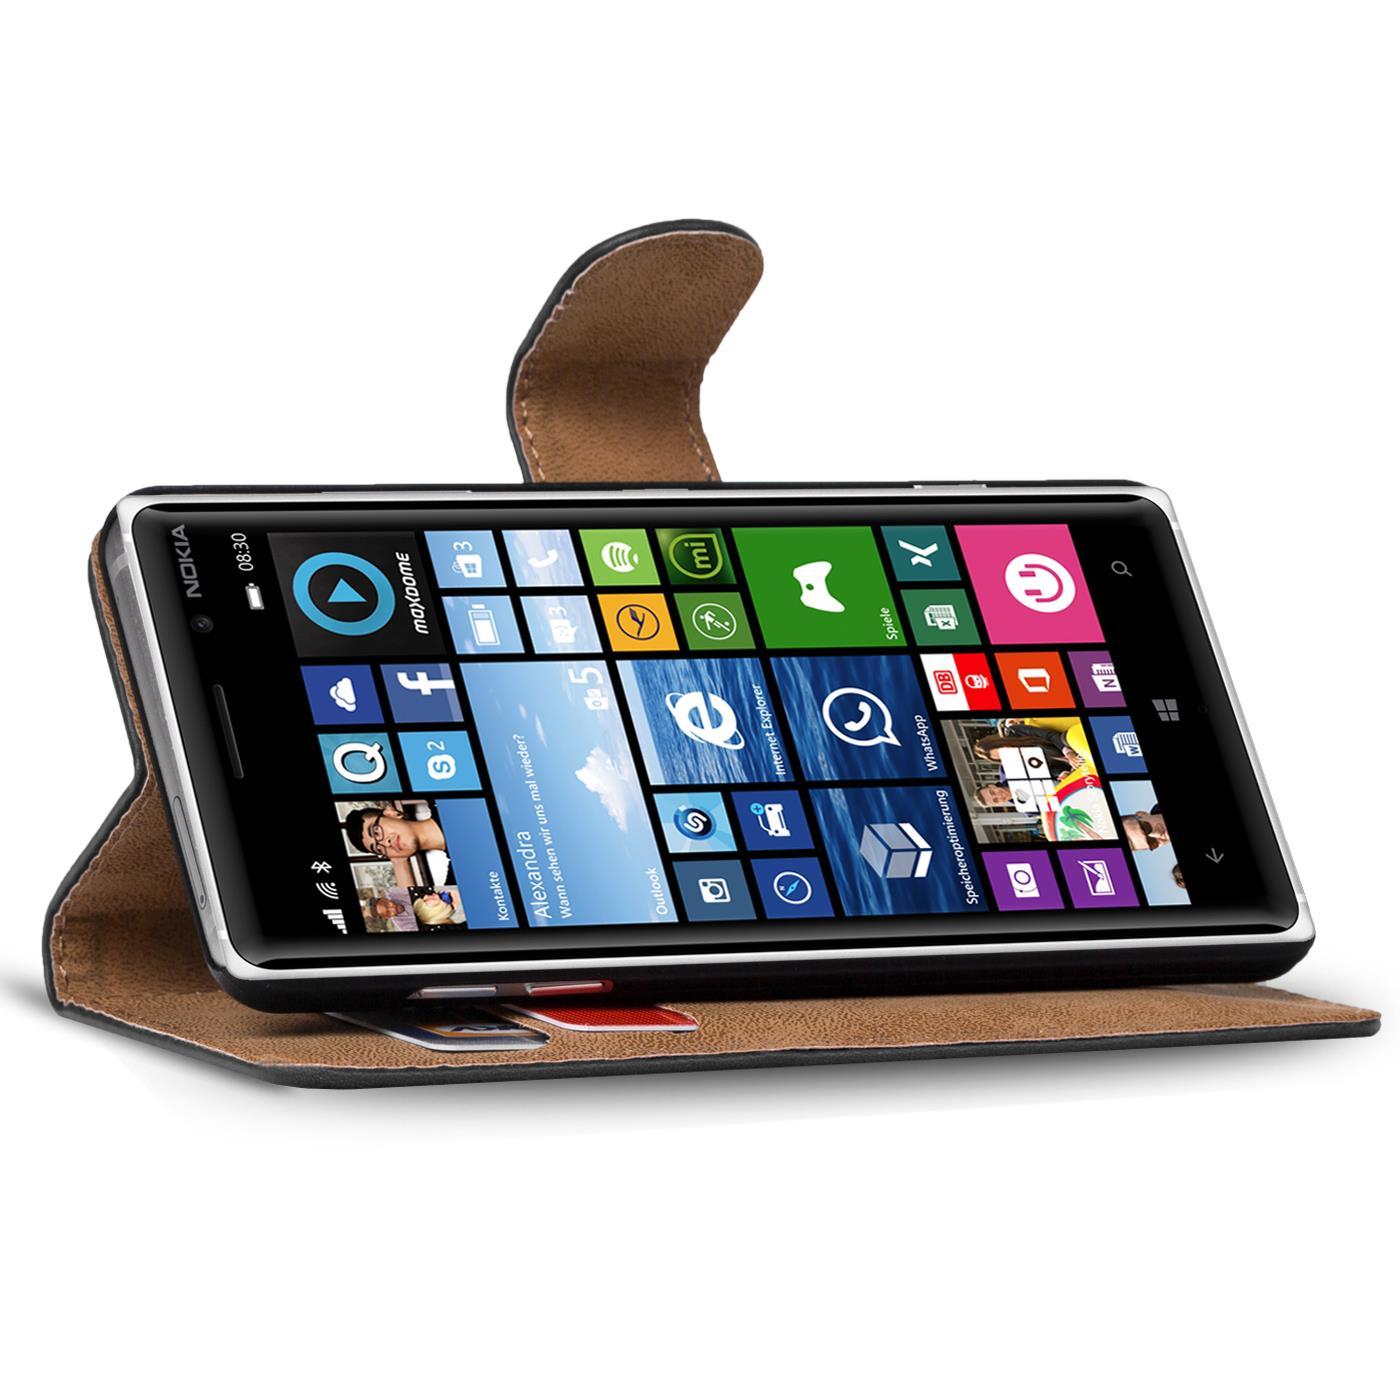 handy tasche f r nokia lumia 830 flip cover case schutz h lle book etui schwarz eur 5 99. Black Bedroom Furniture Sets. Home Design Ideas